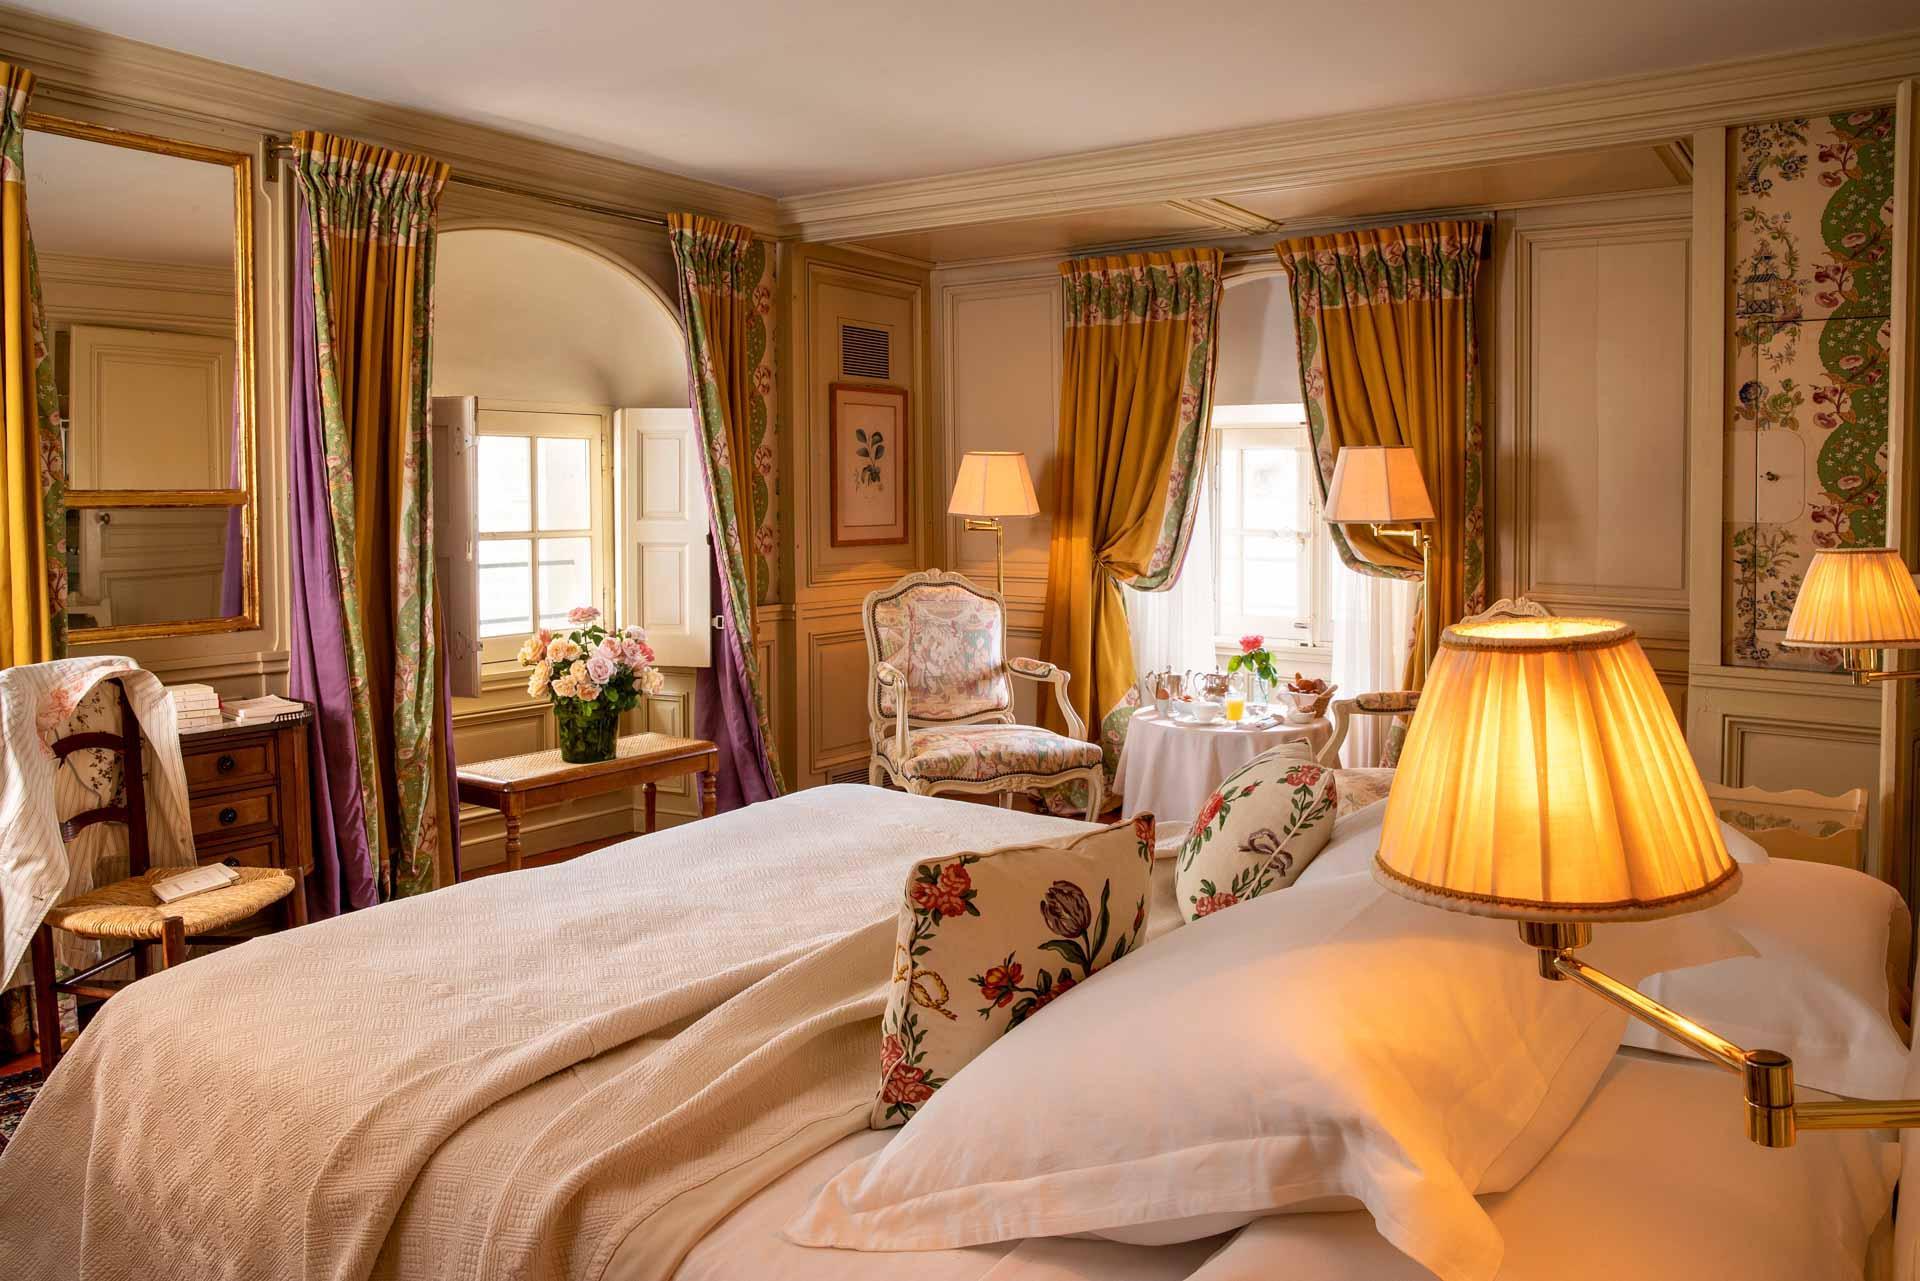 La chambre 31 à La Mirande © Christophe Bielsa